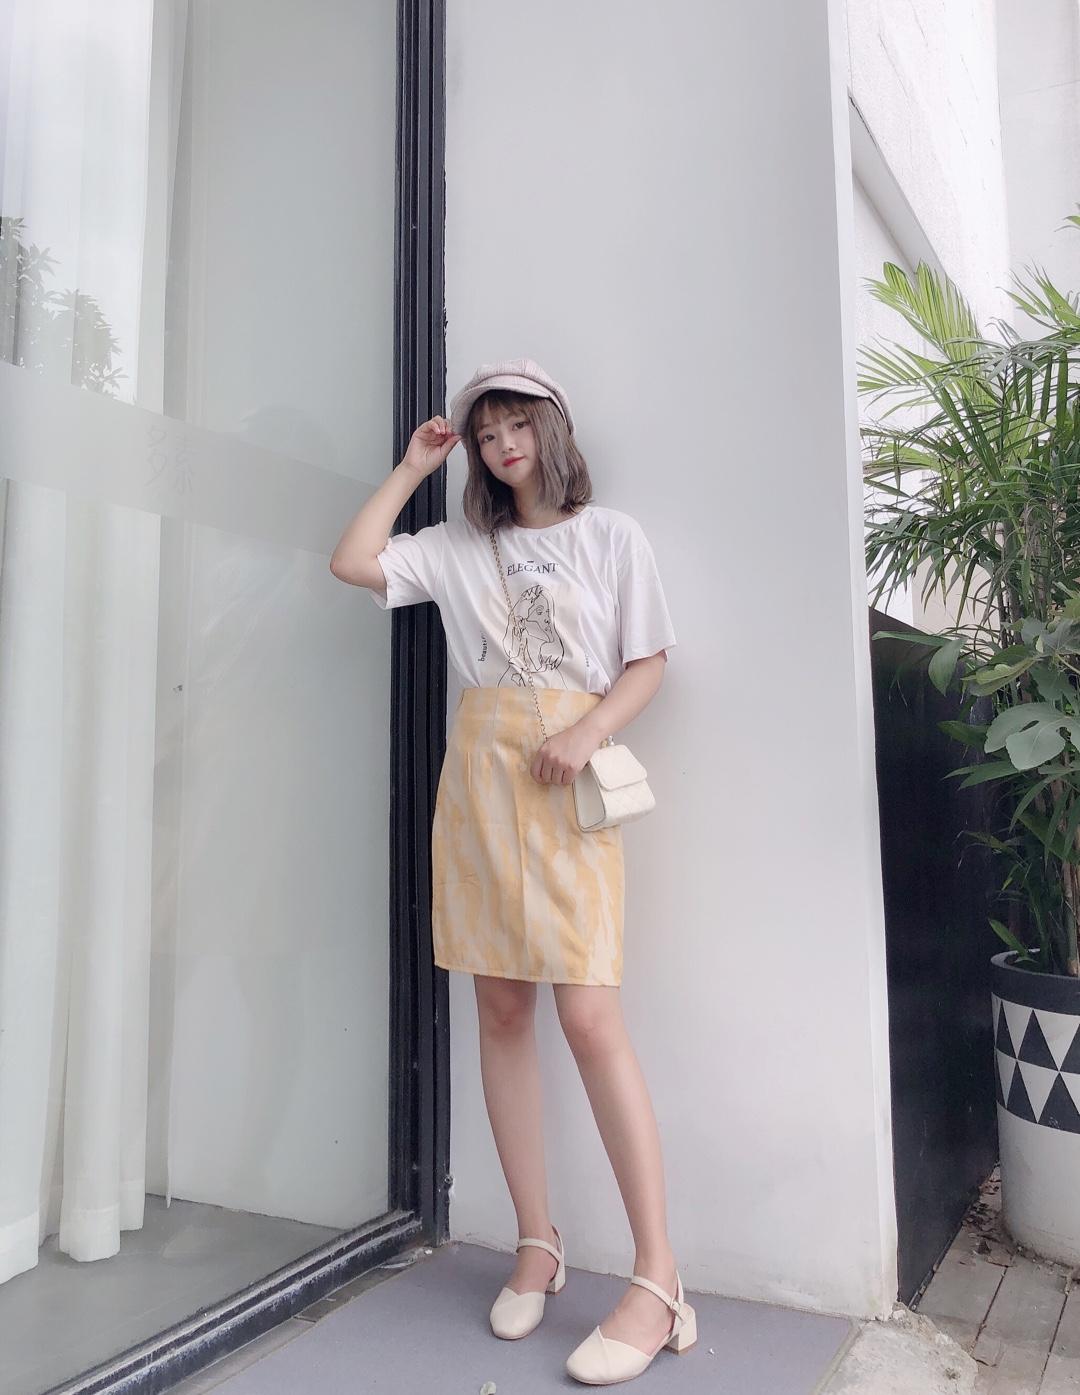 #假期出游,穿什么最清凉?#  很小清新的一套  t配短裙萌妹子的最爱辽~ 裙子很有特色哦 整体暖色调 很符合夏天的感觉哦~ 搭配八角帽敲韩范~